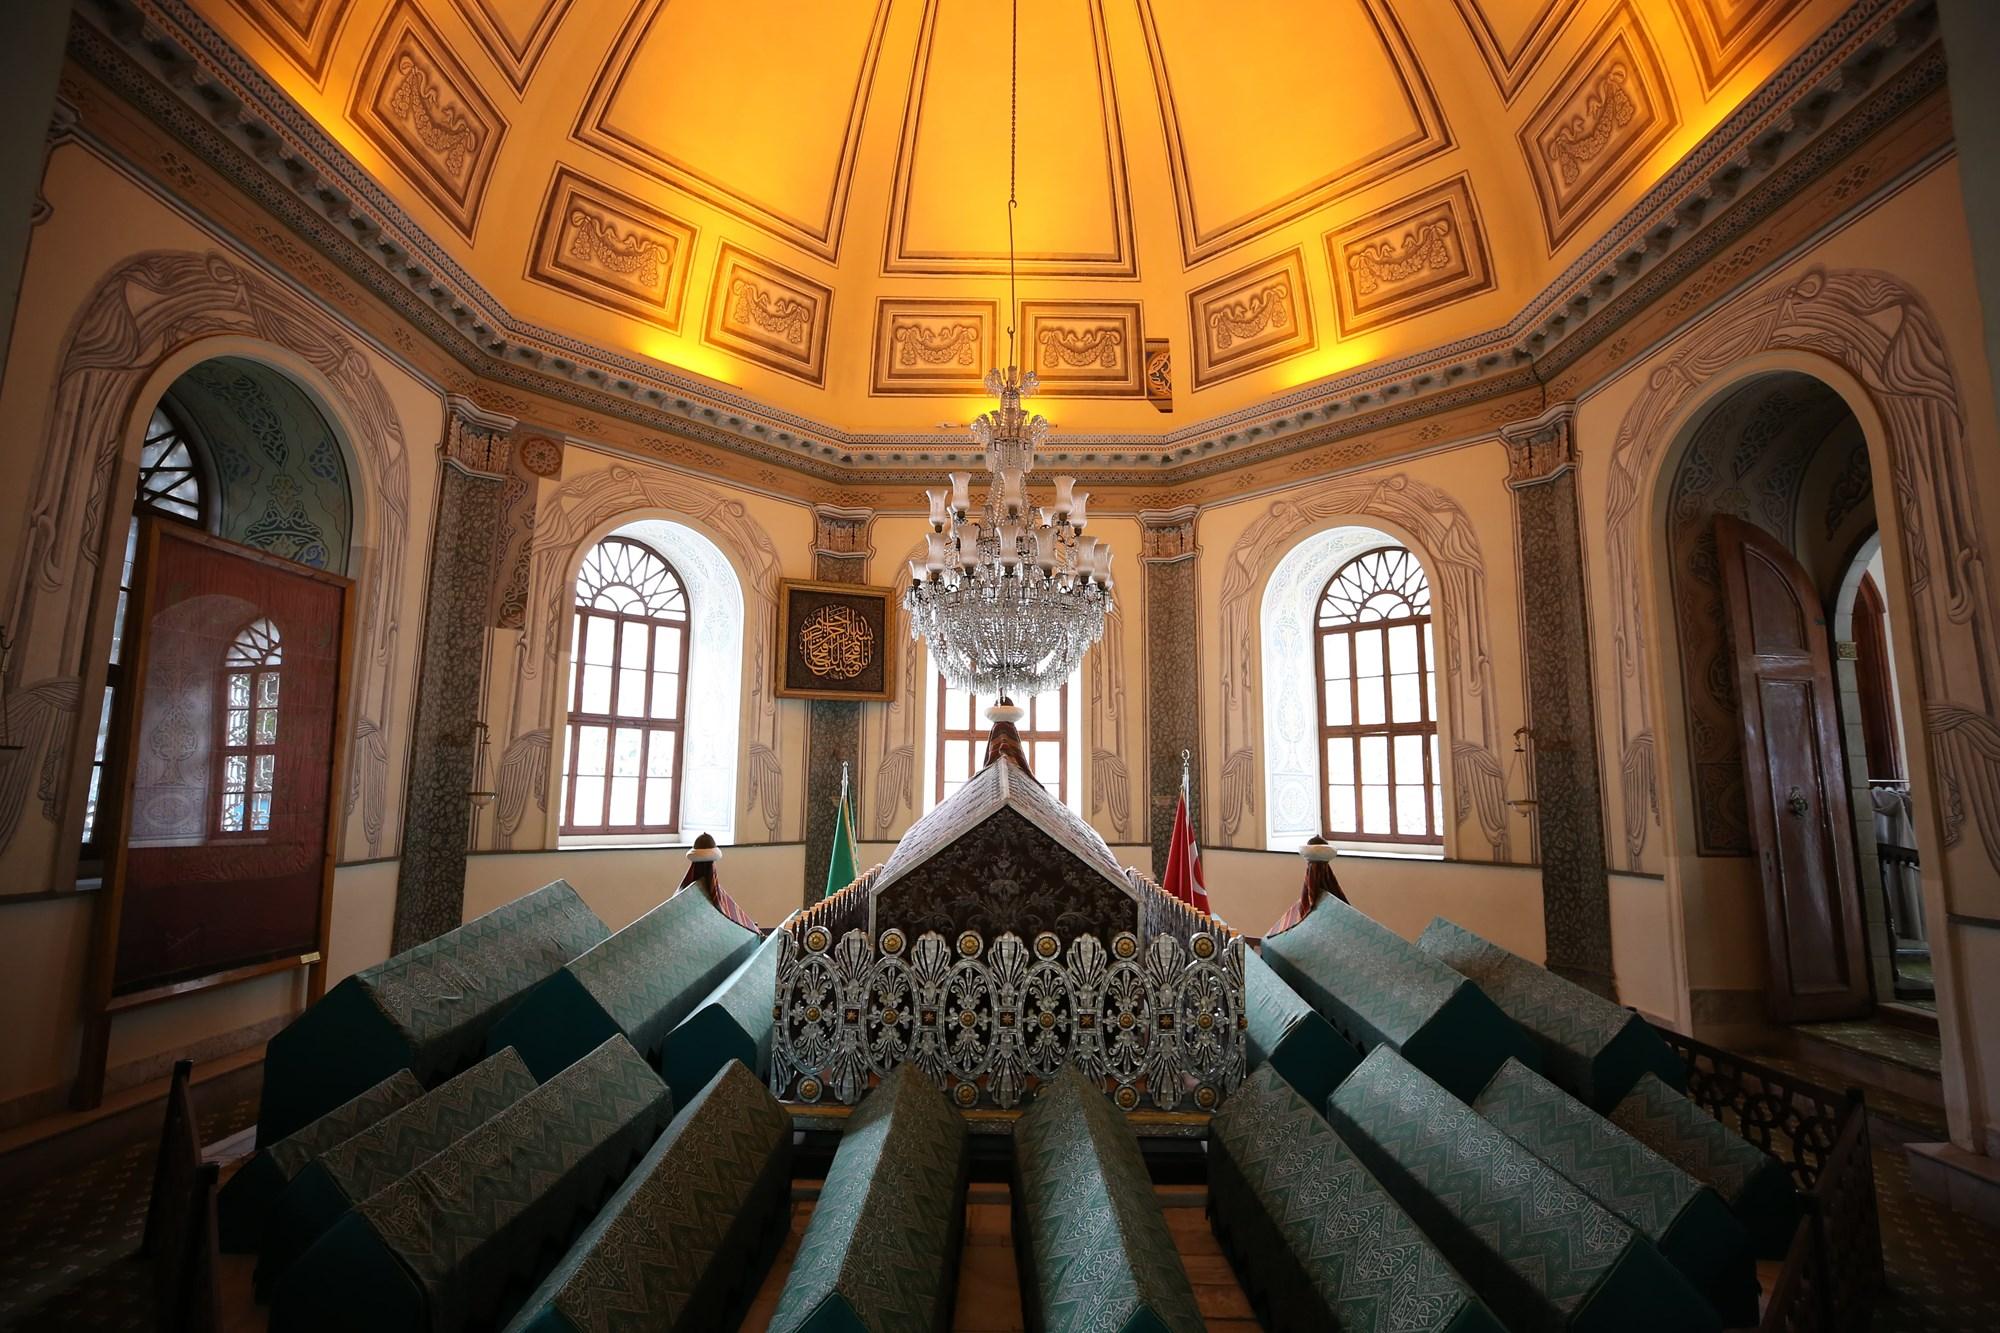 وفاة السلطان عثمان الأول بن أرطغرل - ضريح السلطان عثمان الأول بن أرطغرل